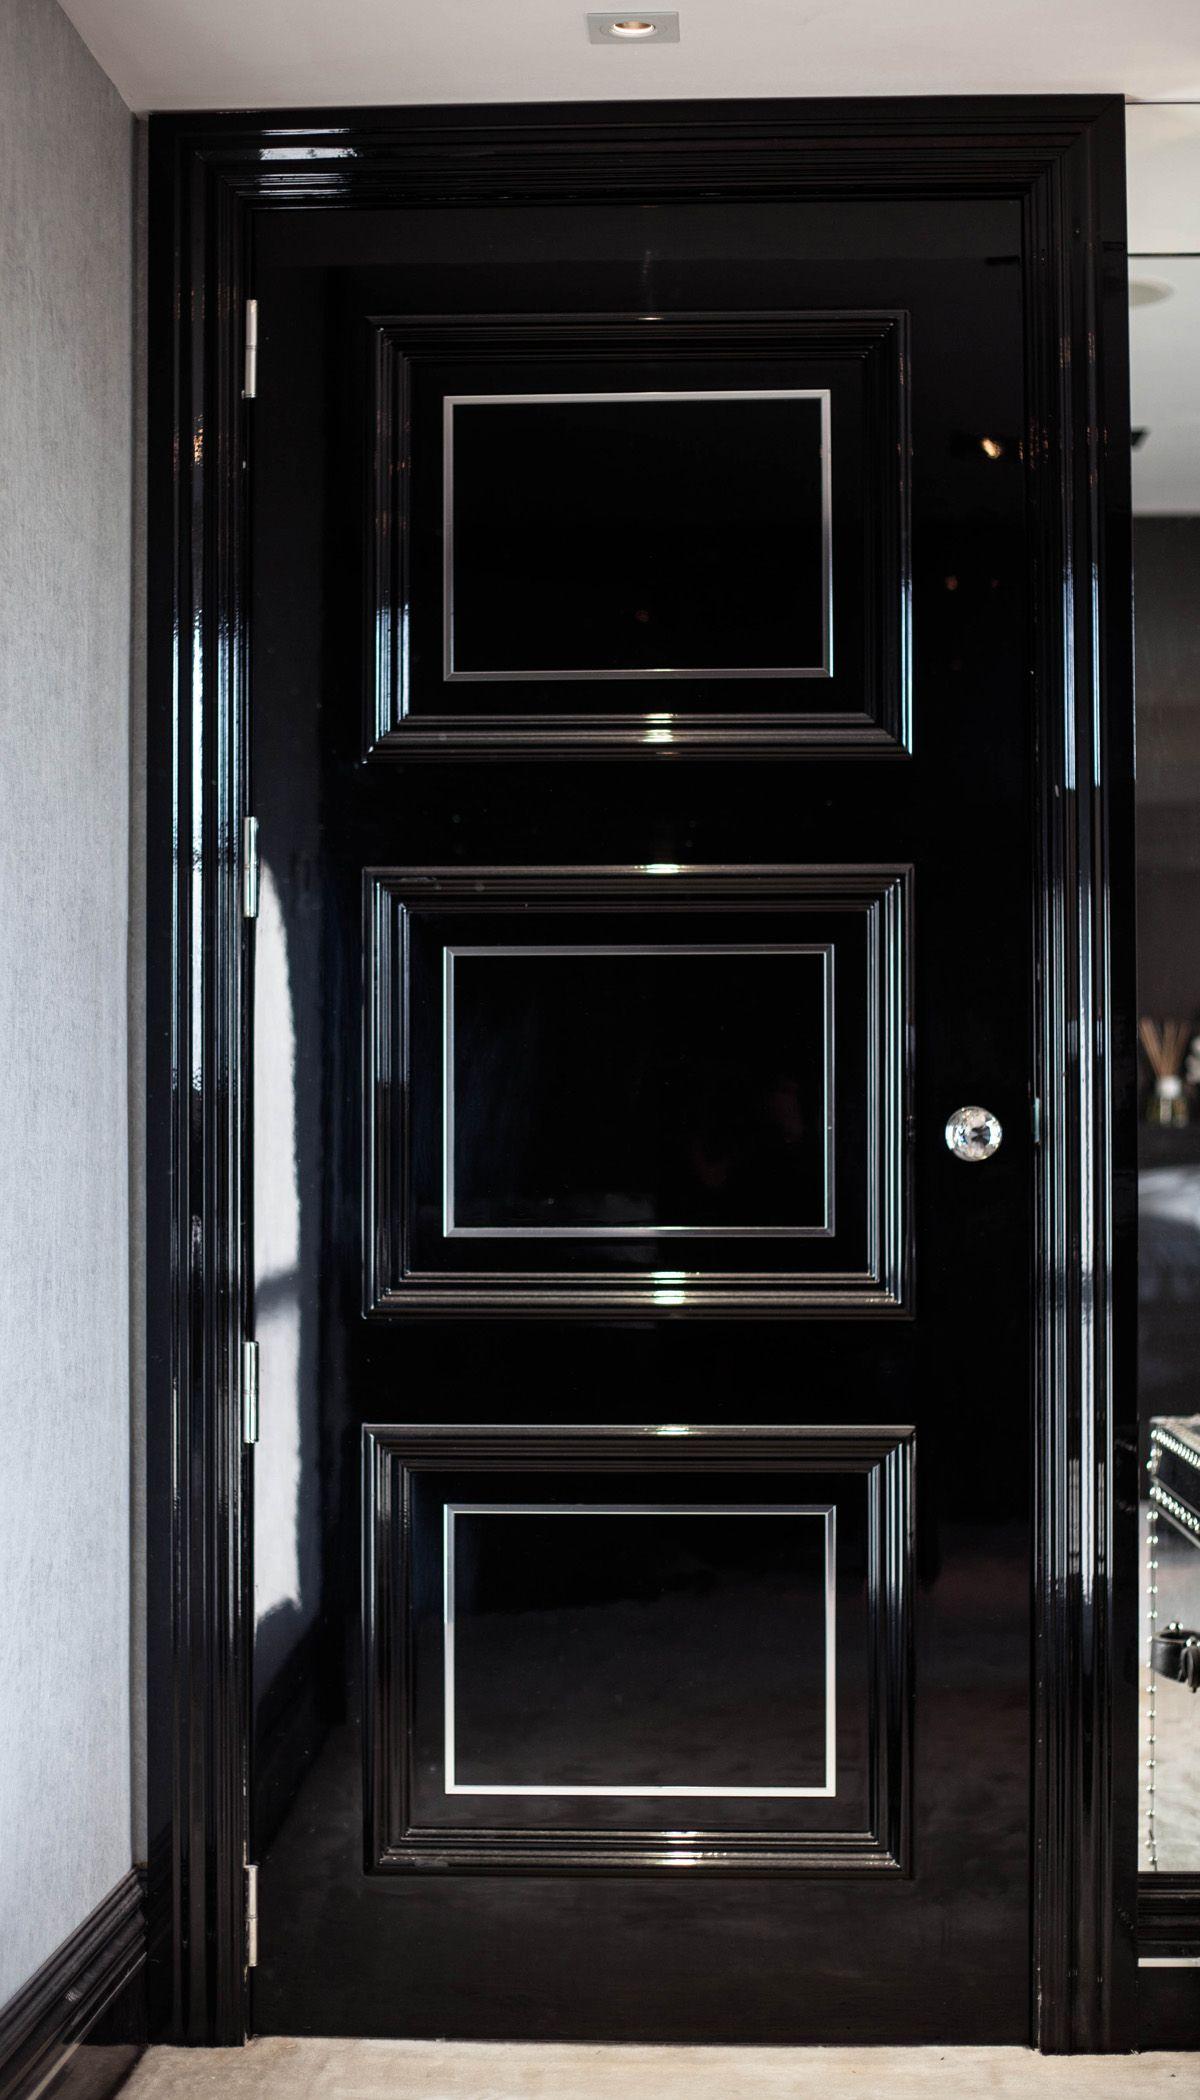 15 best Front door images on Pinterest | Cottage front ...  |Black Door Ideas